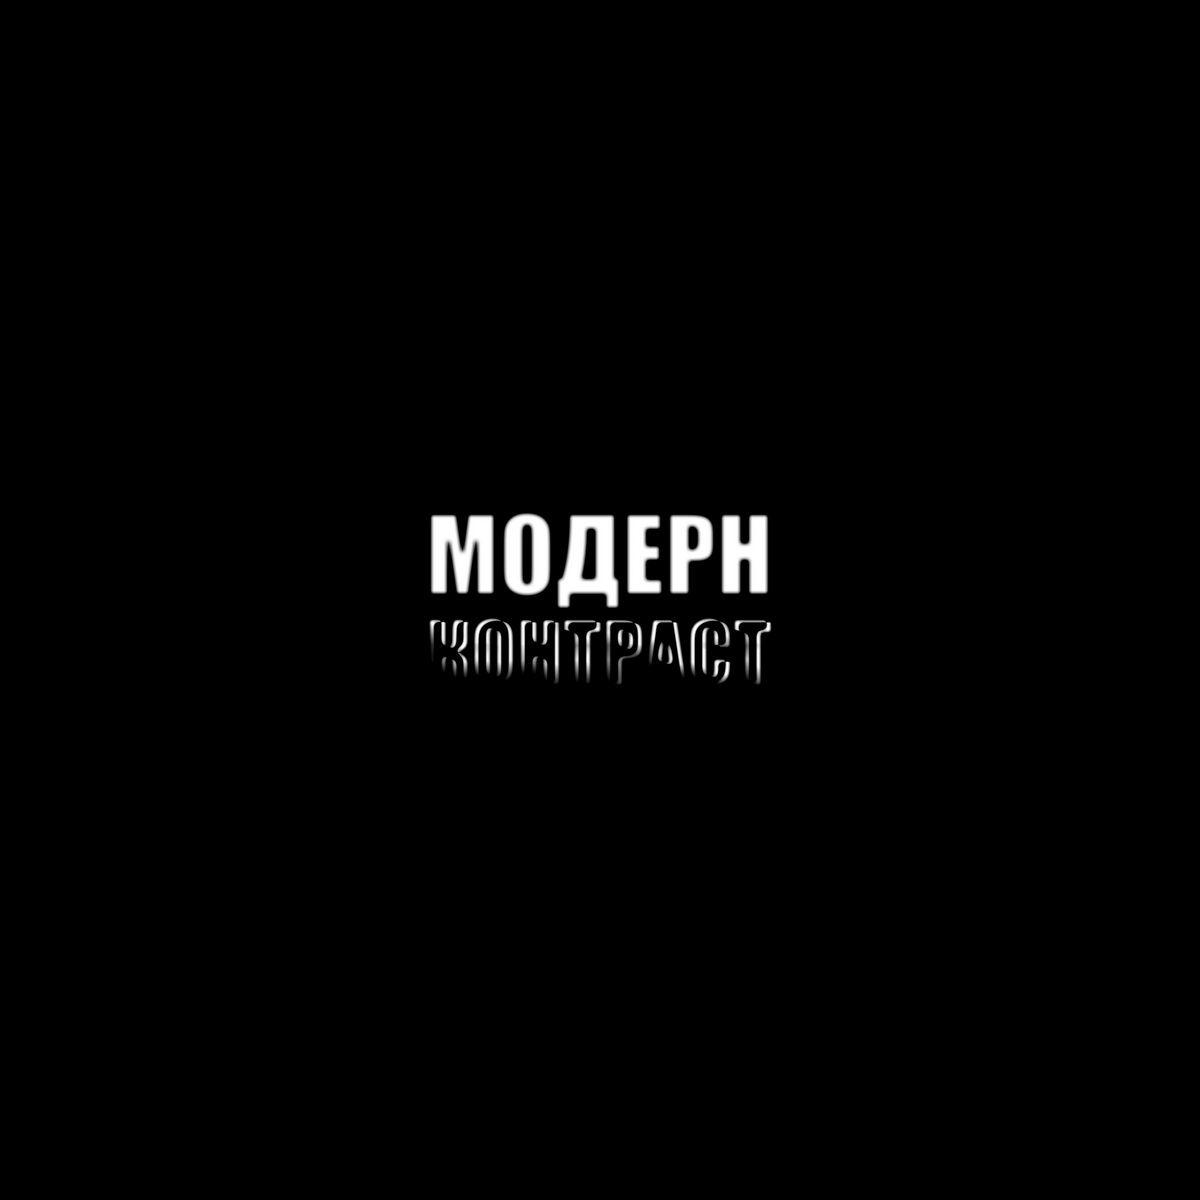 Modern_00.jpg